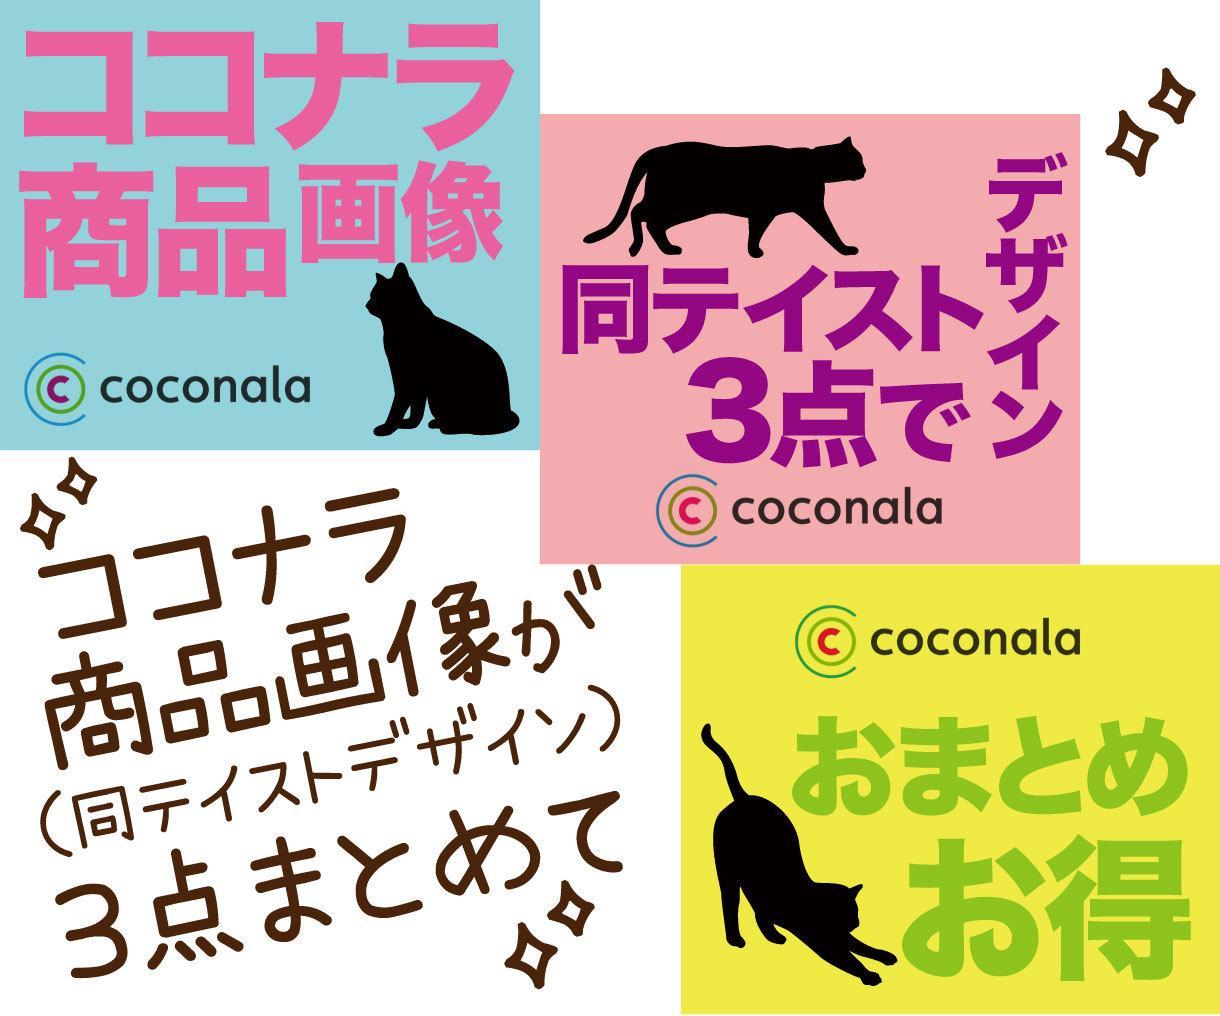 ココナラ出品サービス画像3点まとめて作ります めちゃお得!同テイストのデザイン3点作ります\(^o^)/ イメージ1